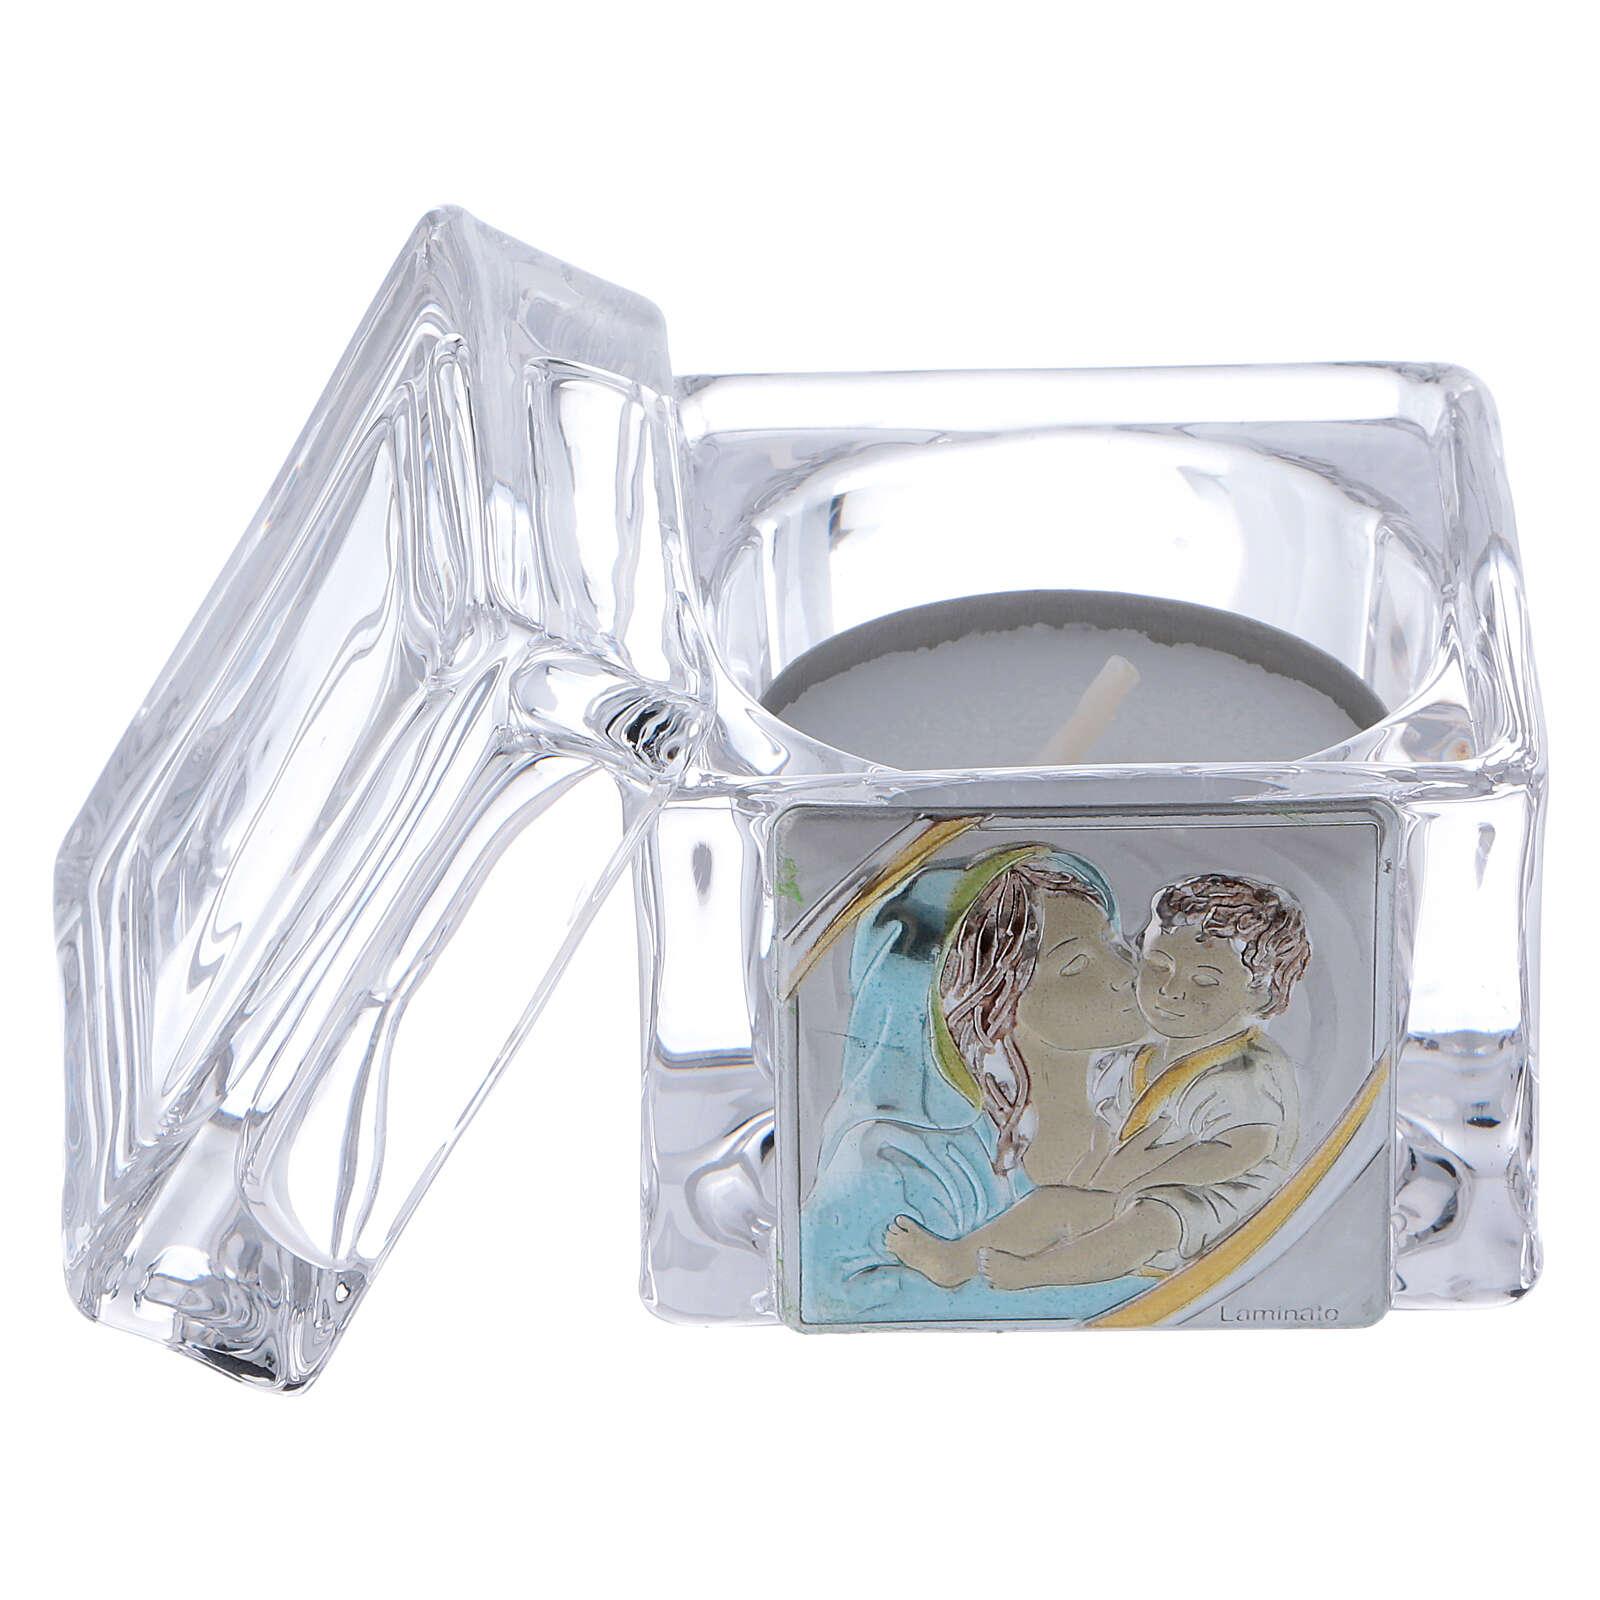 Lembrancinha Batismo caixinha 5x5x5 cm vela Maternidade 4